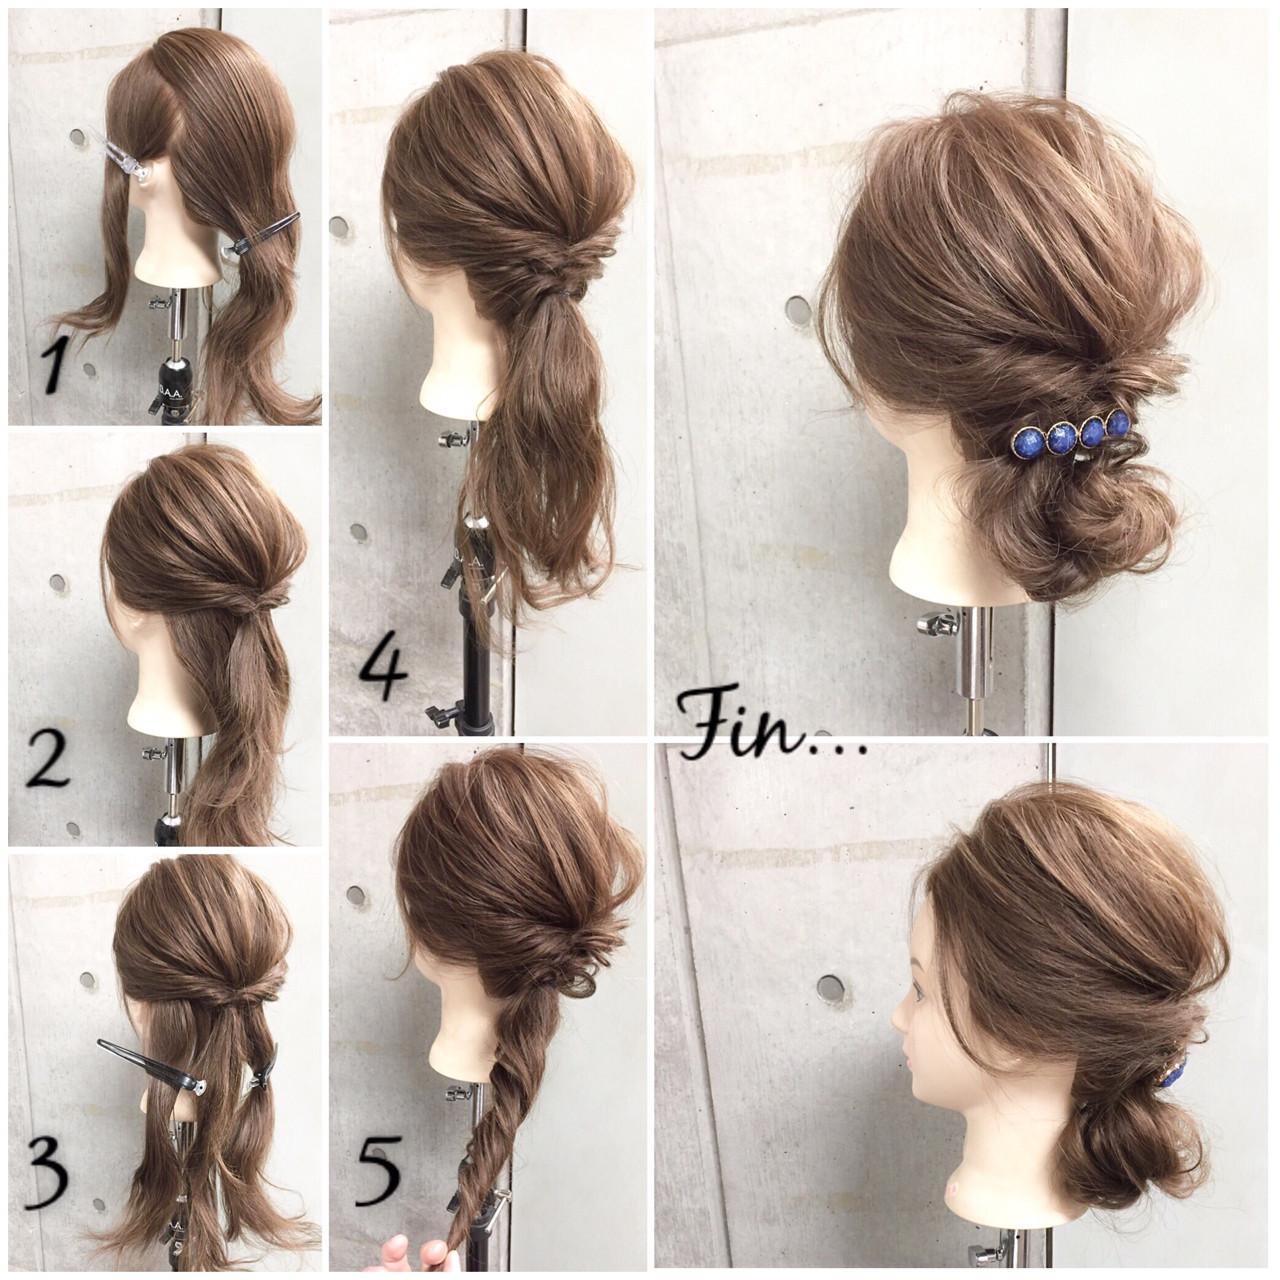 【保存版】まとめ髪をするときのおすすめヘアワックス特集♡の9枚目の画像